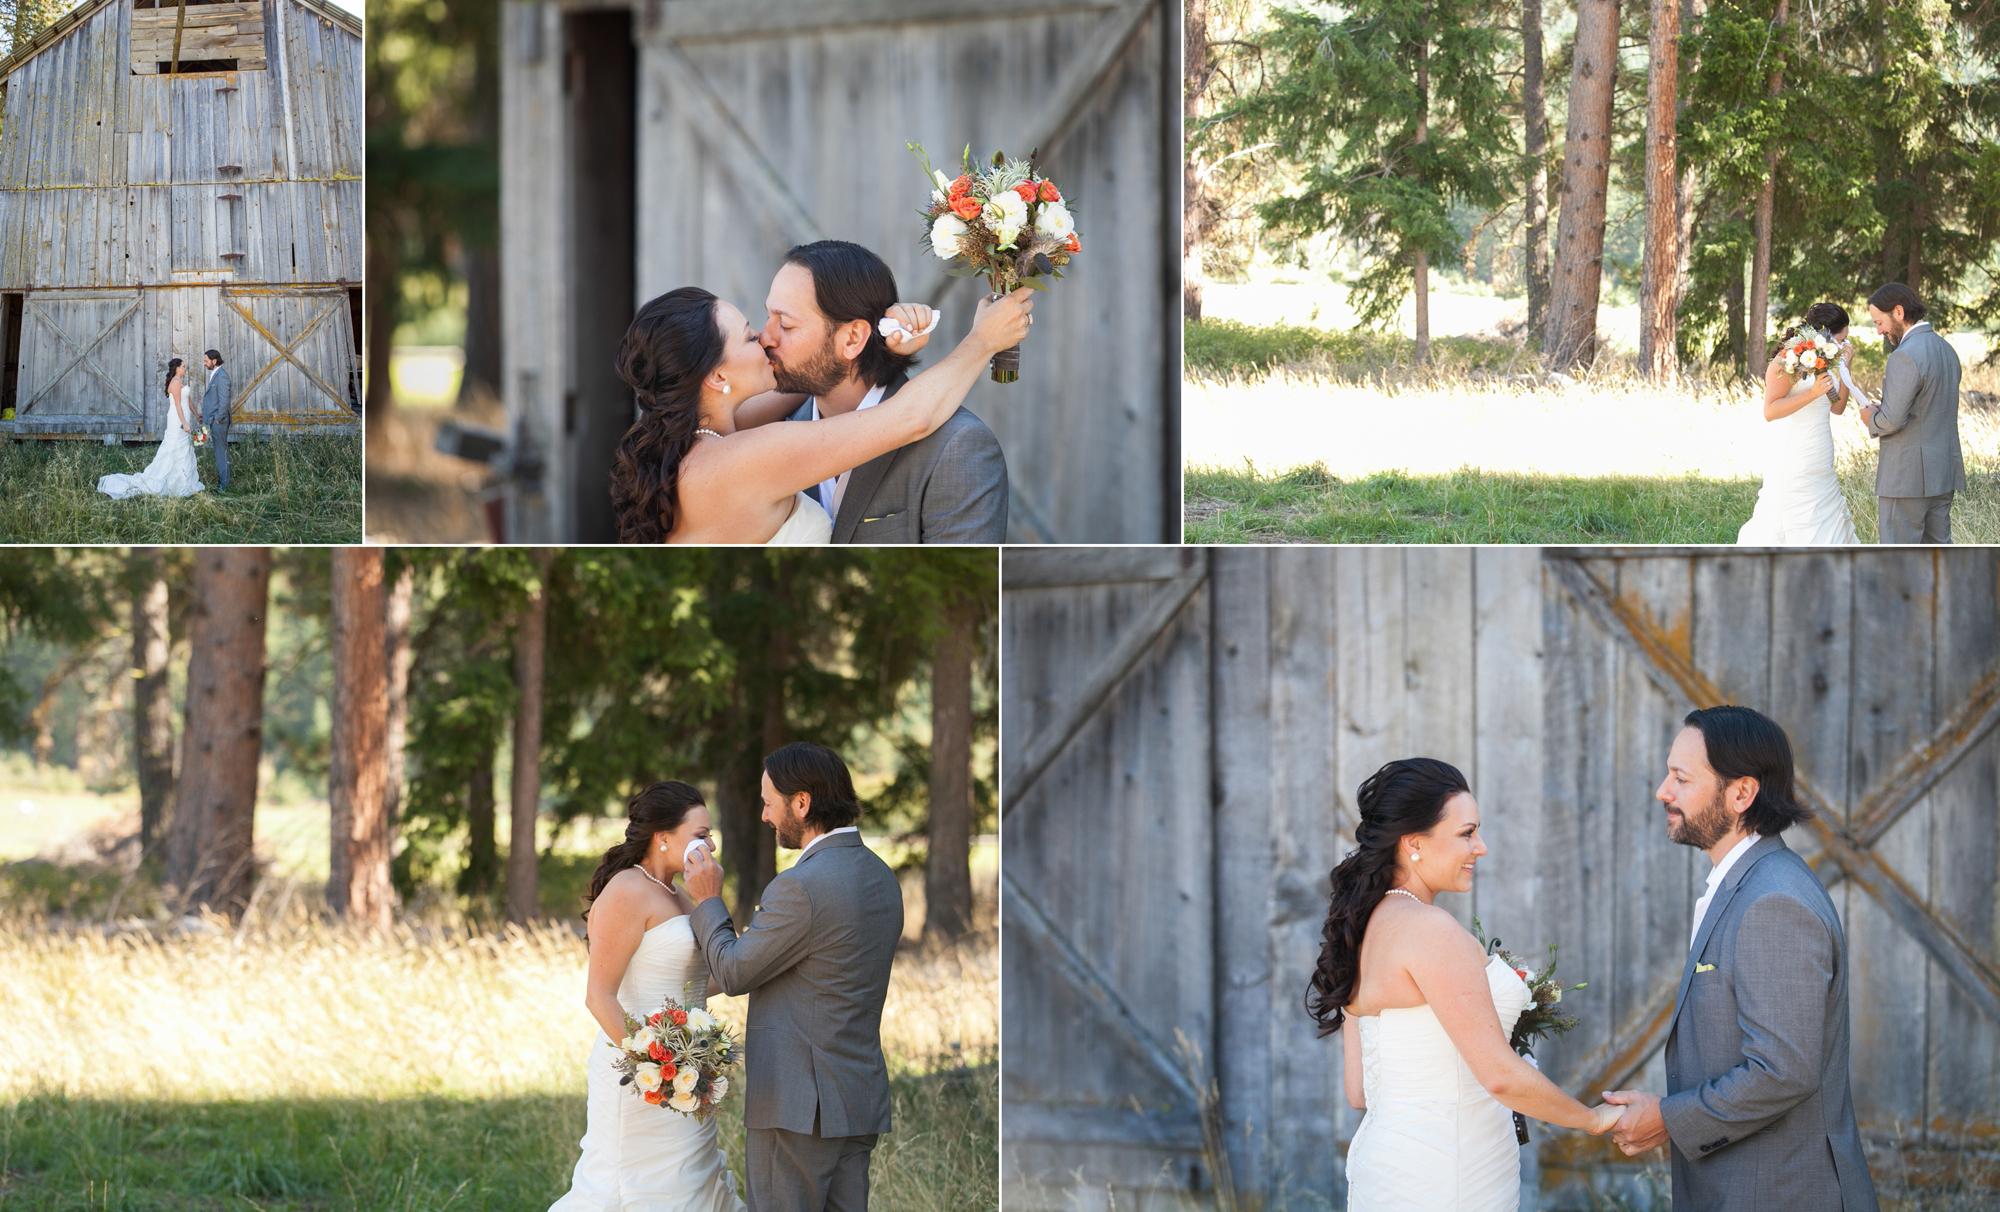 ashley vos photography seattle tacoma area wedding photographer_0808.jpg